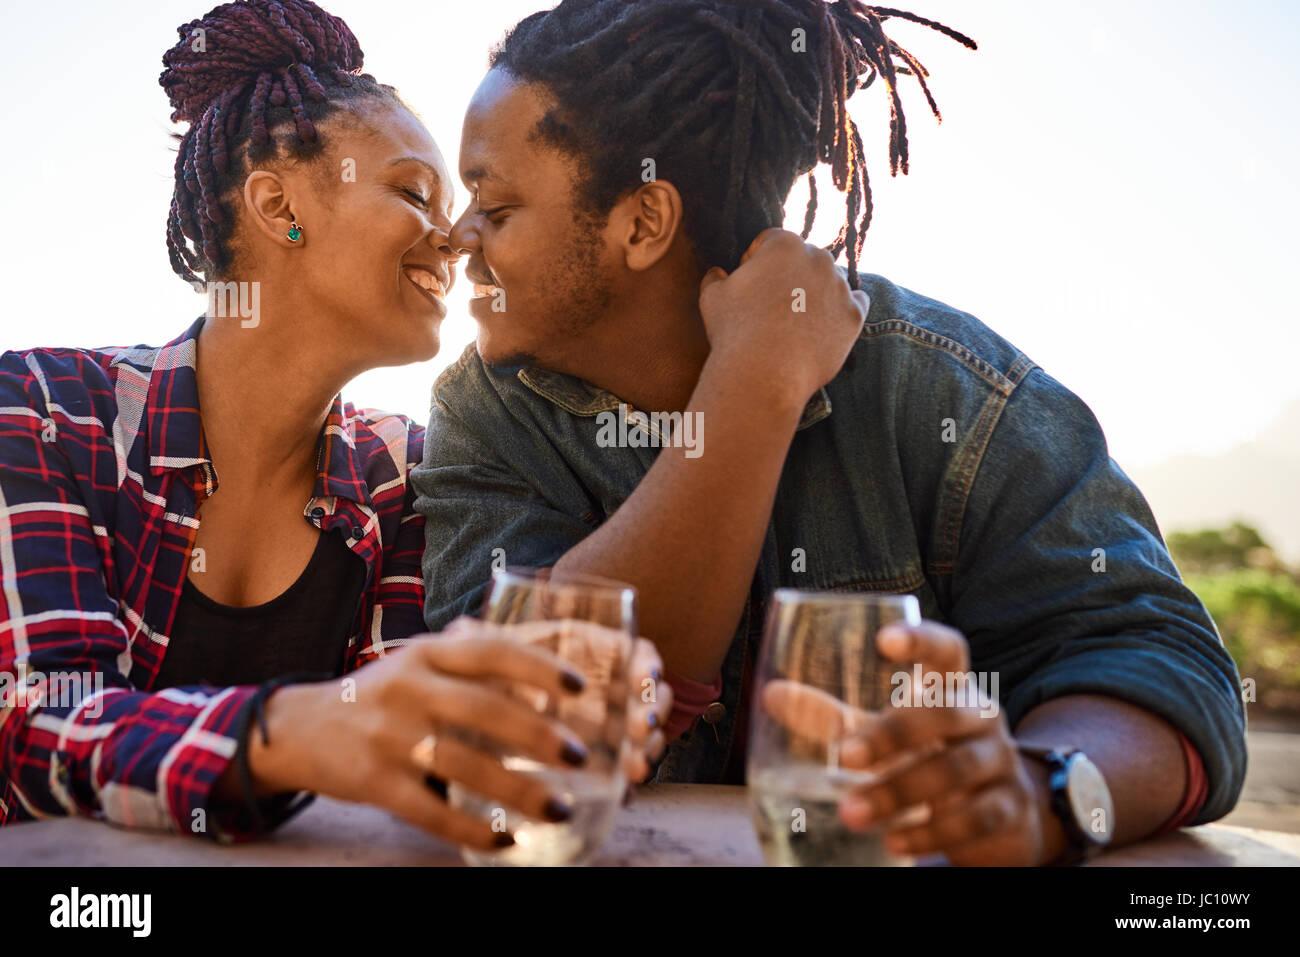 La pareja real de ascendencia africana acerca de besar mientras abraza Imagen De Stock